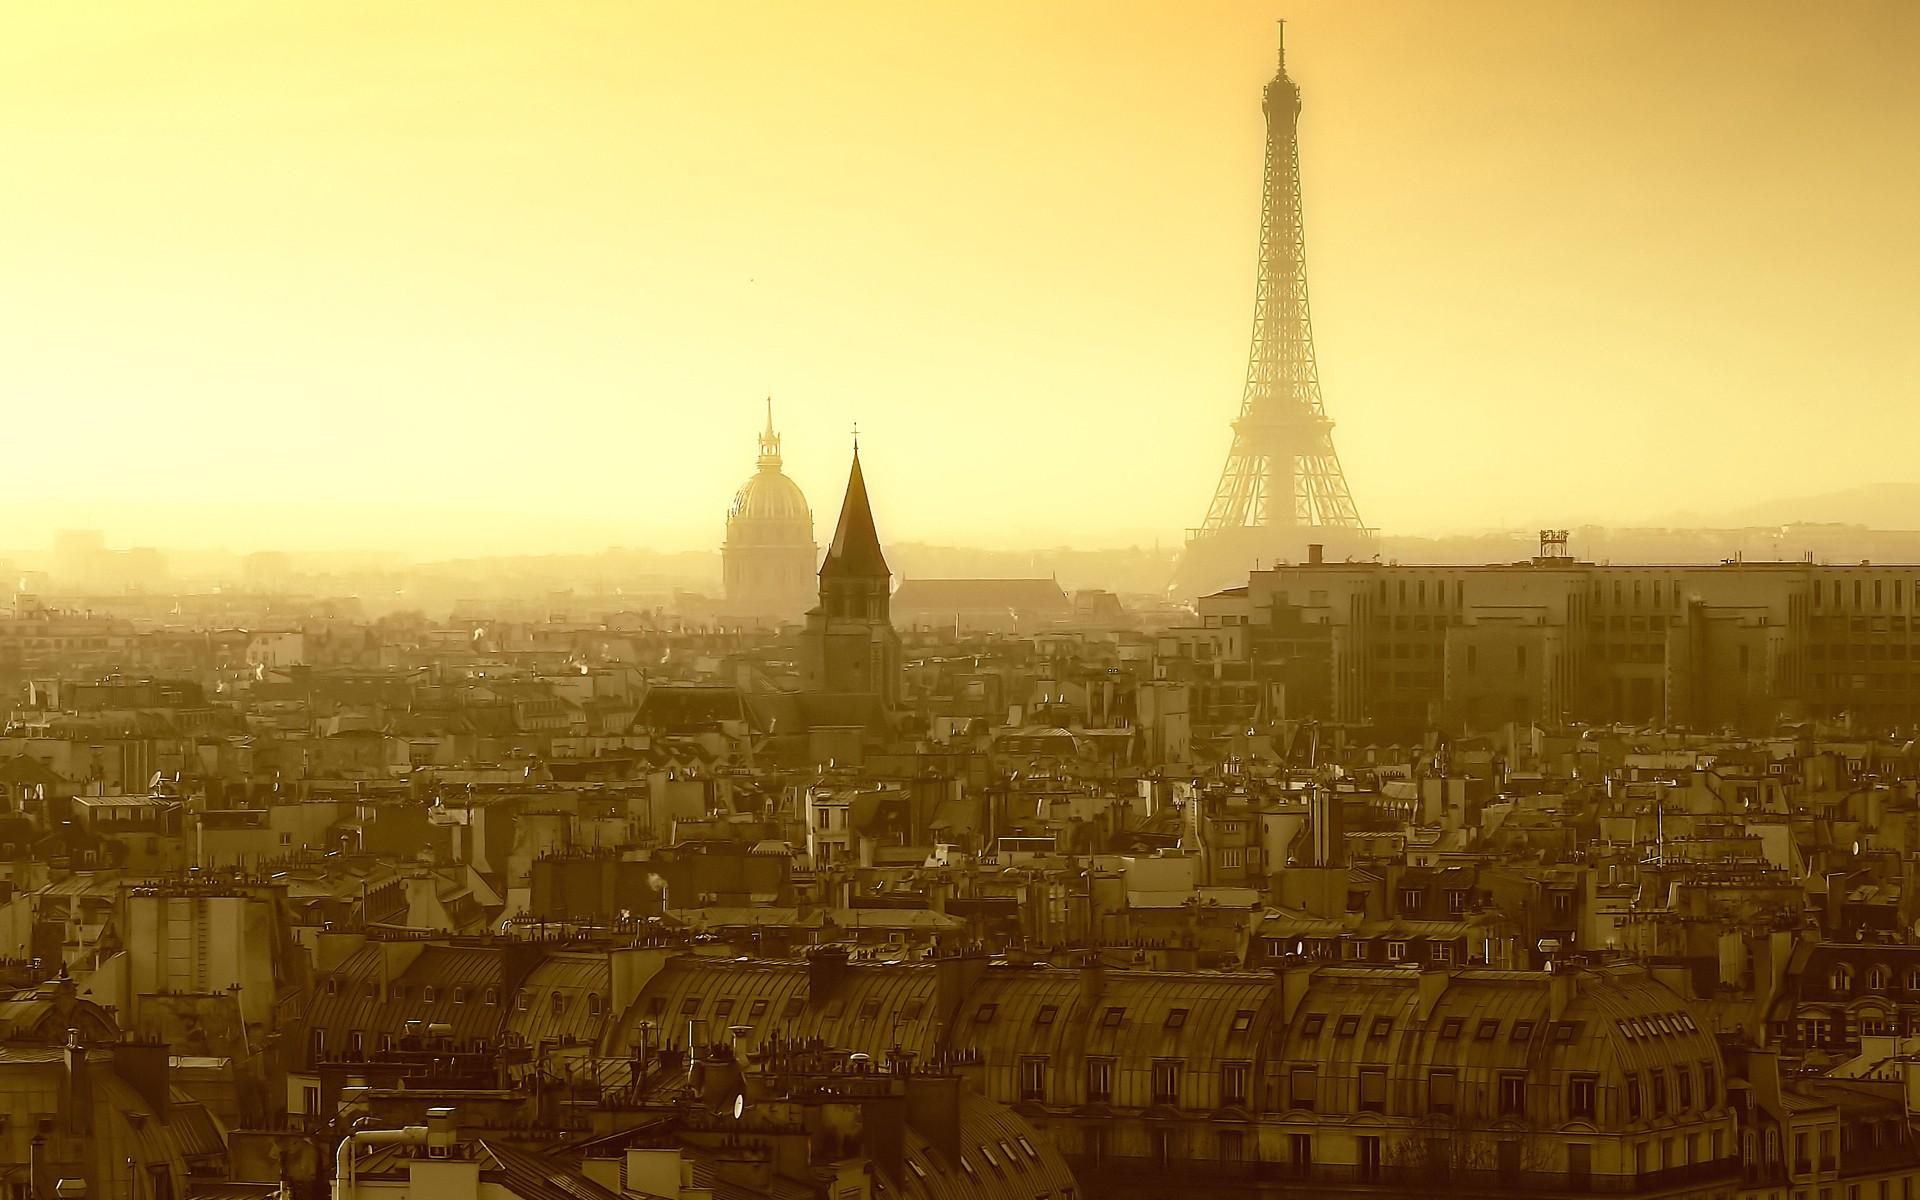 Eiffel tower paris travel city skyline wallpaper  1920x1200  19753  WallpaperUP